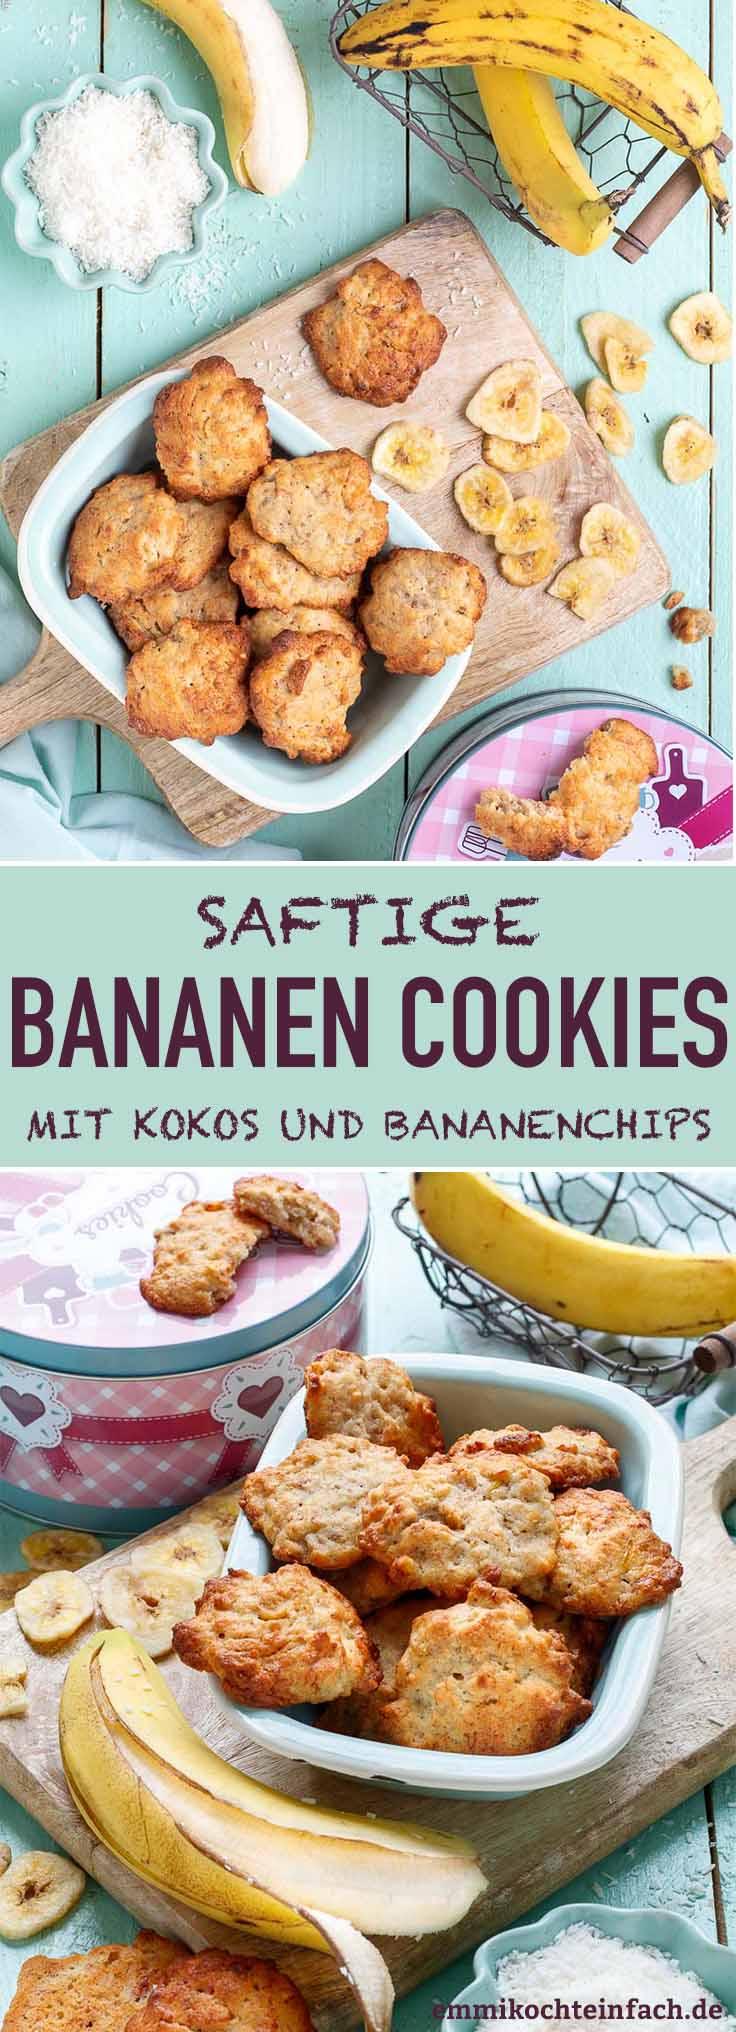 Saftige Bananenkekse - www.emmikochteinfach.de